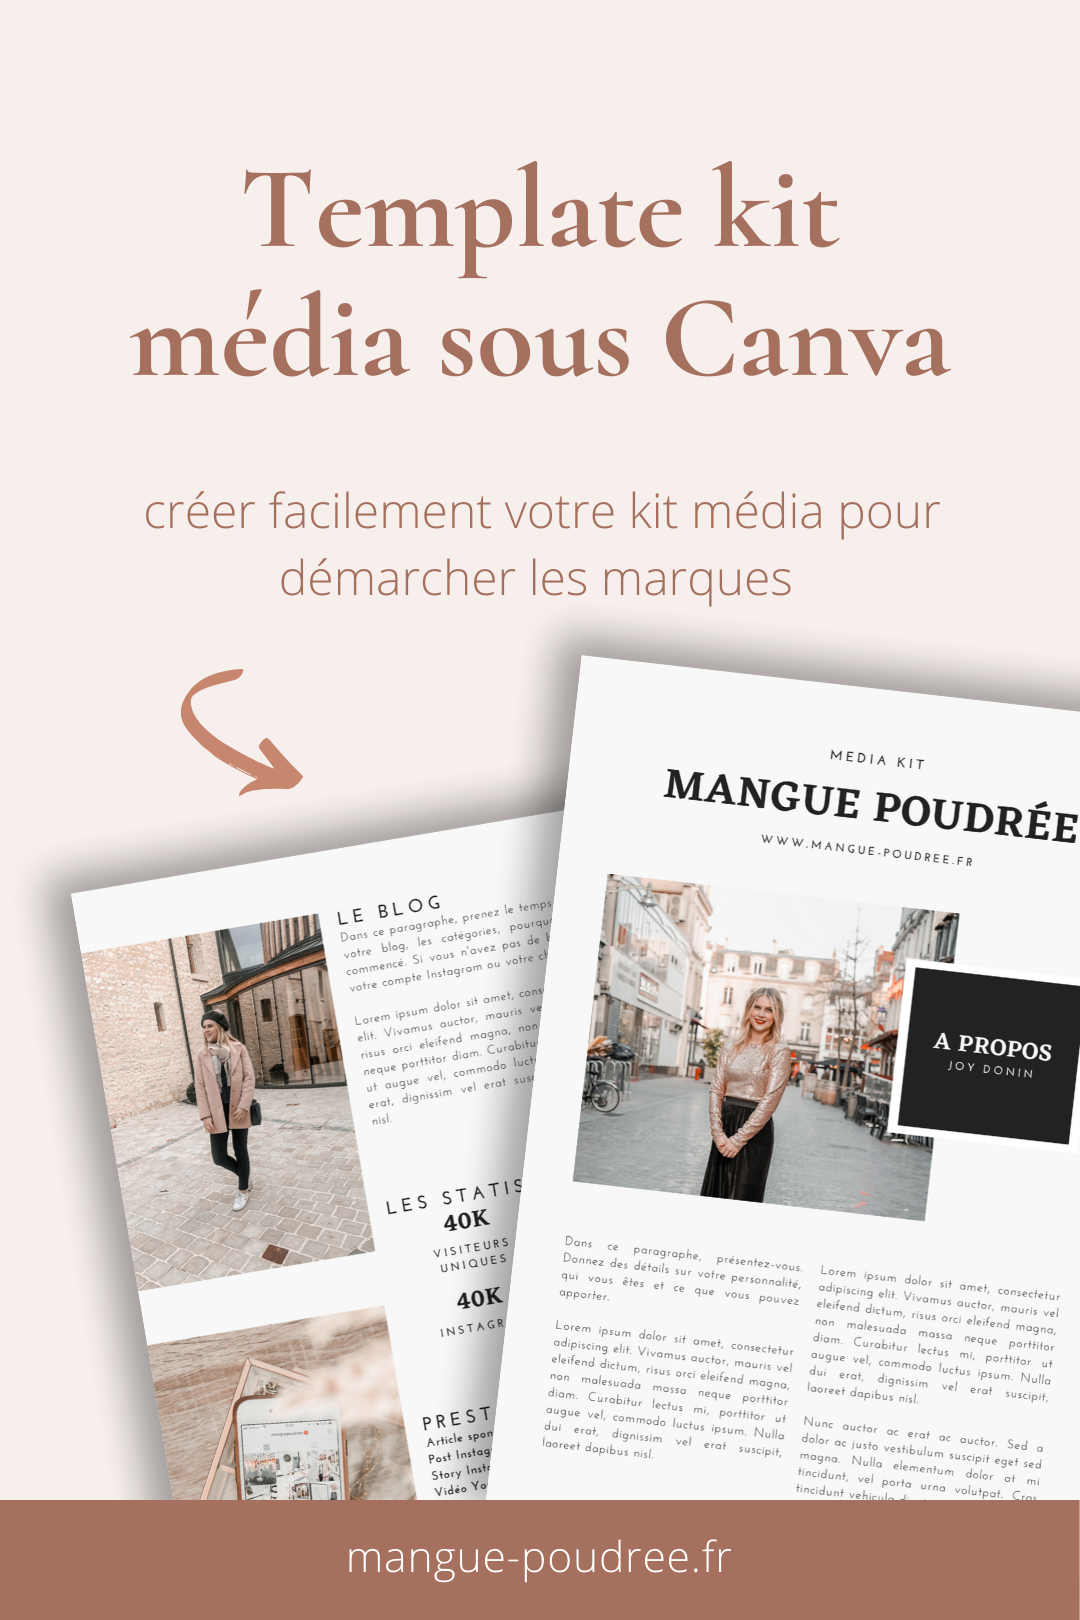 Comment créer un kit média impactant ? Téléchargez votre template de kit média sous Canva